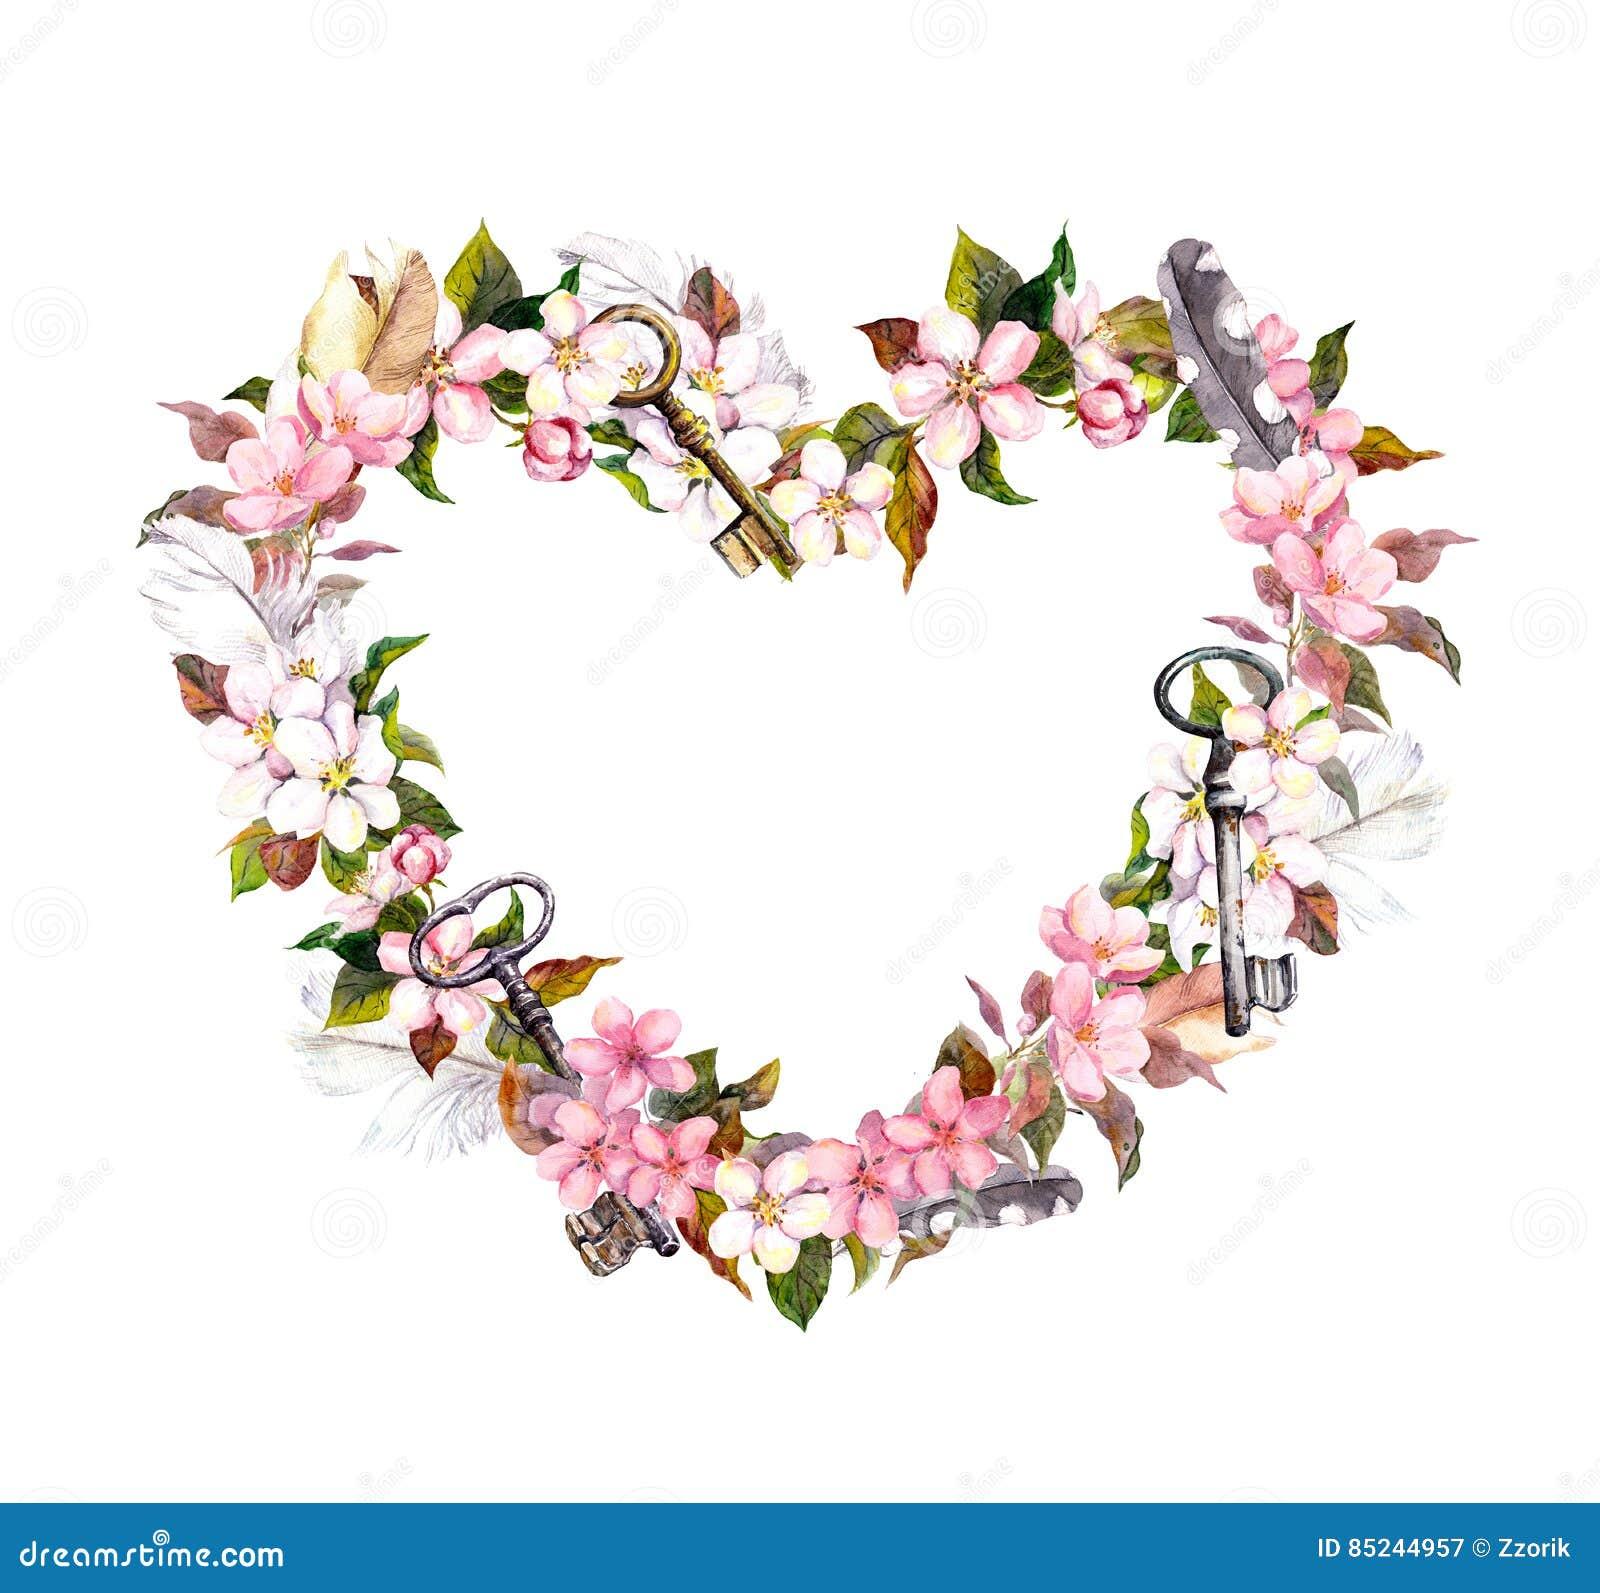 Floral wreath heart shape pink flowers feathers keys floral wreath heart shape pink flowers feathers keys watercolor for valentine mightylinksfo